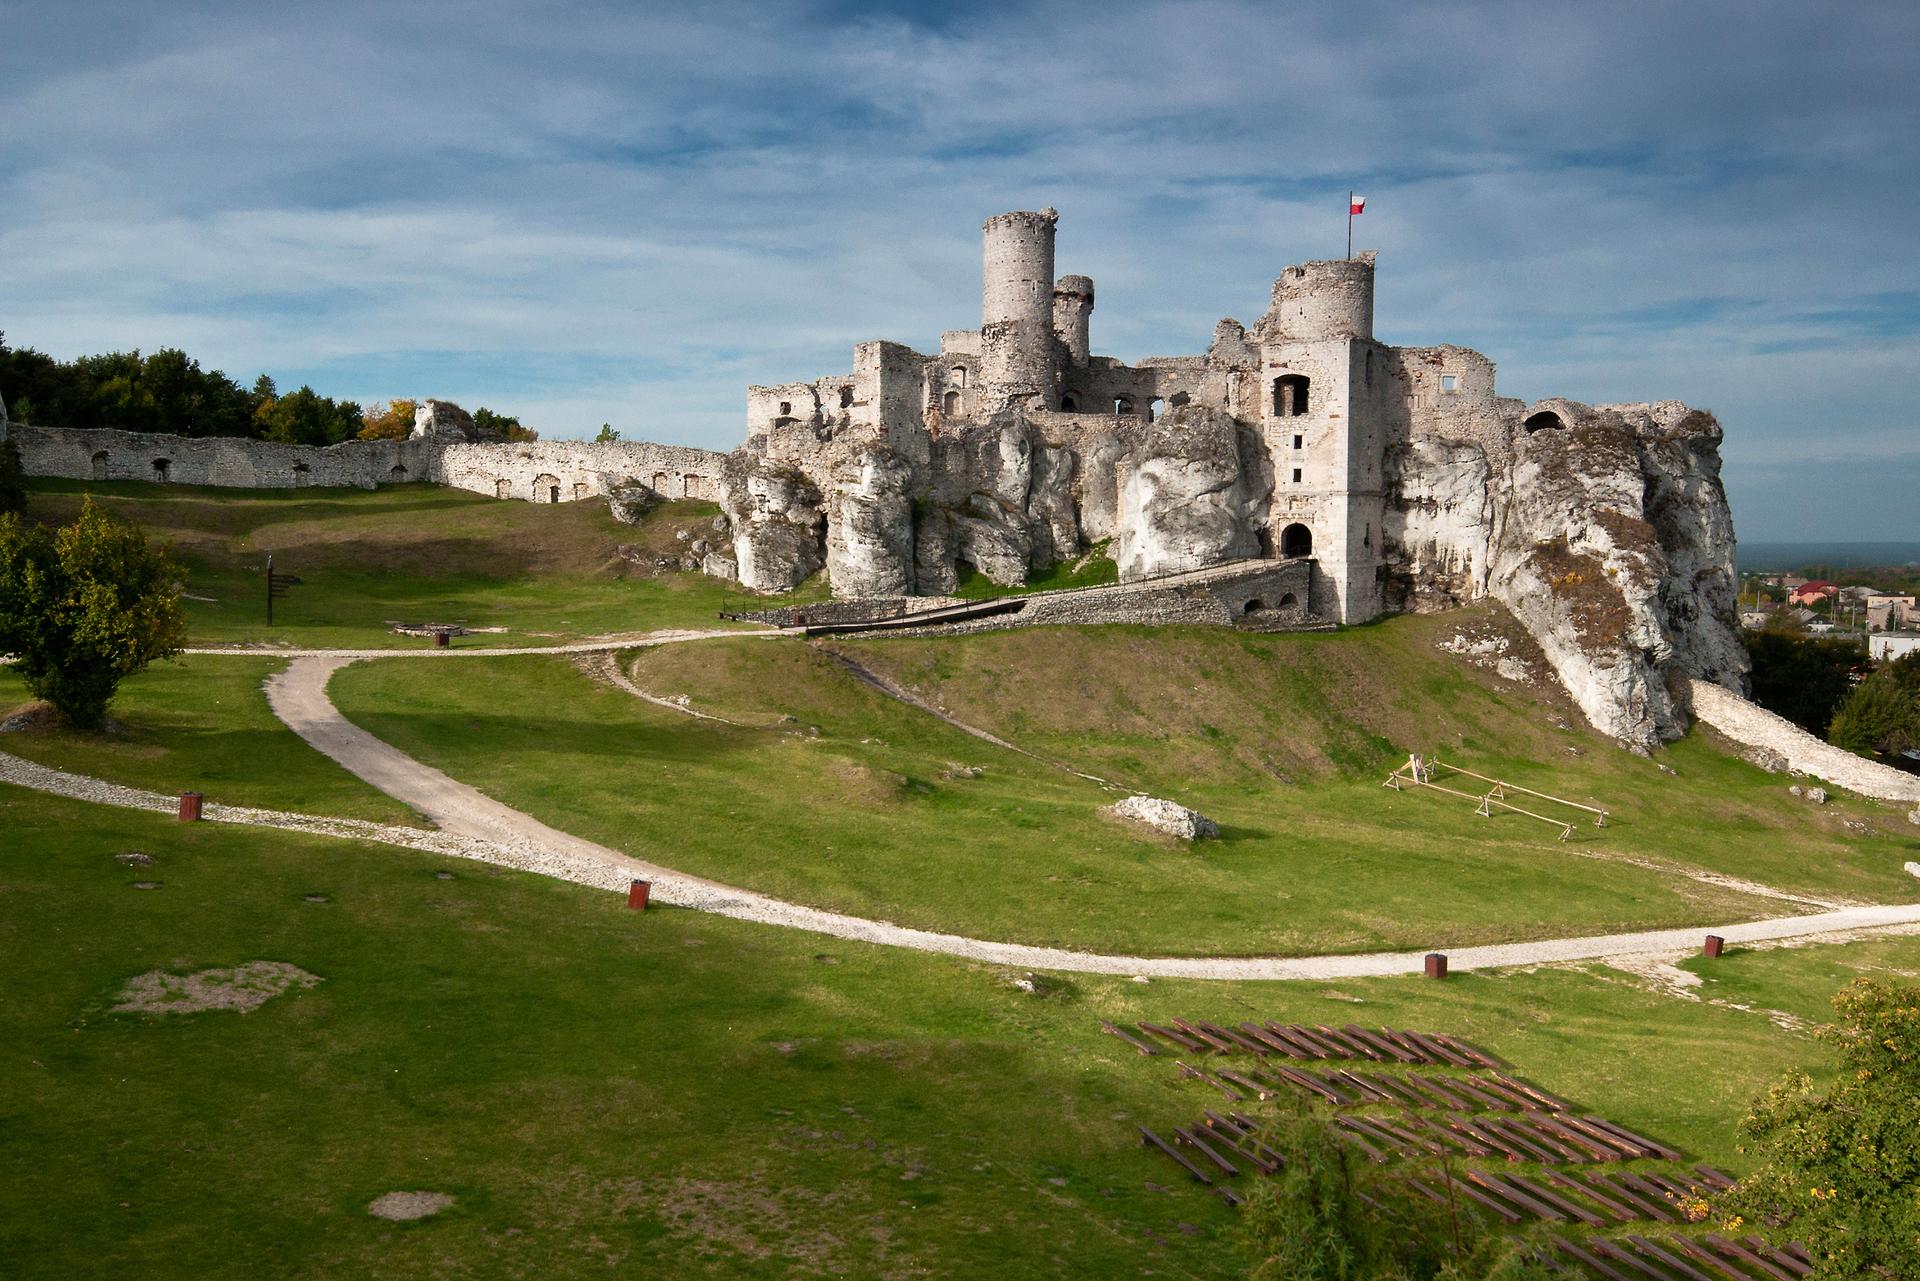 Fotografia prezentuje ruiny zamku Ogrodzieniec, umiejscowione na wzgórzu, do którego prowadzi kręta droga.